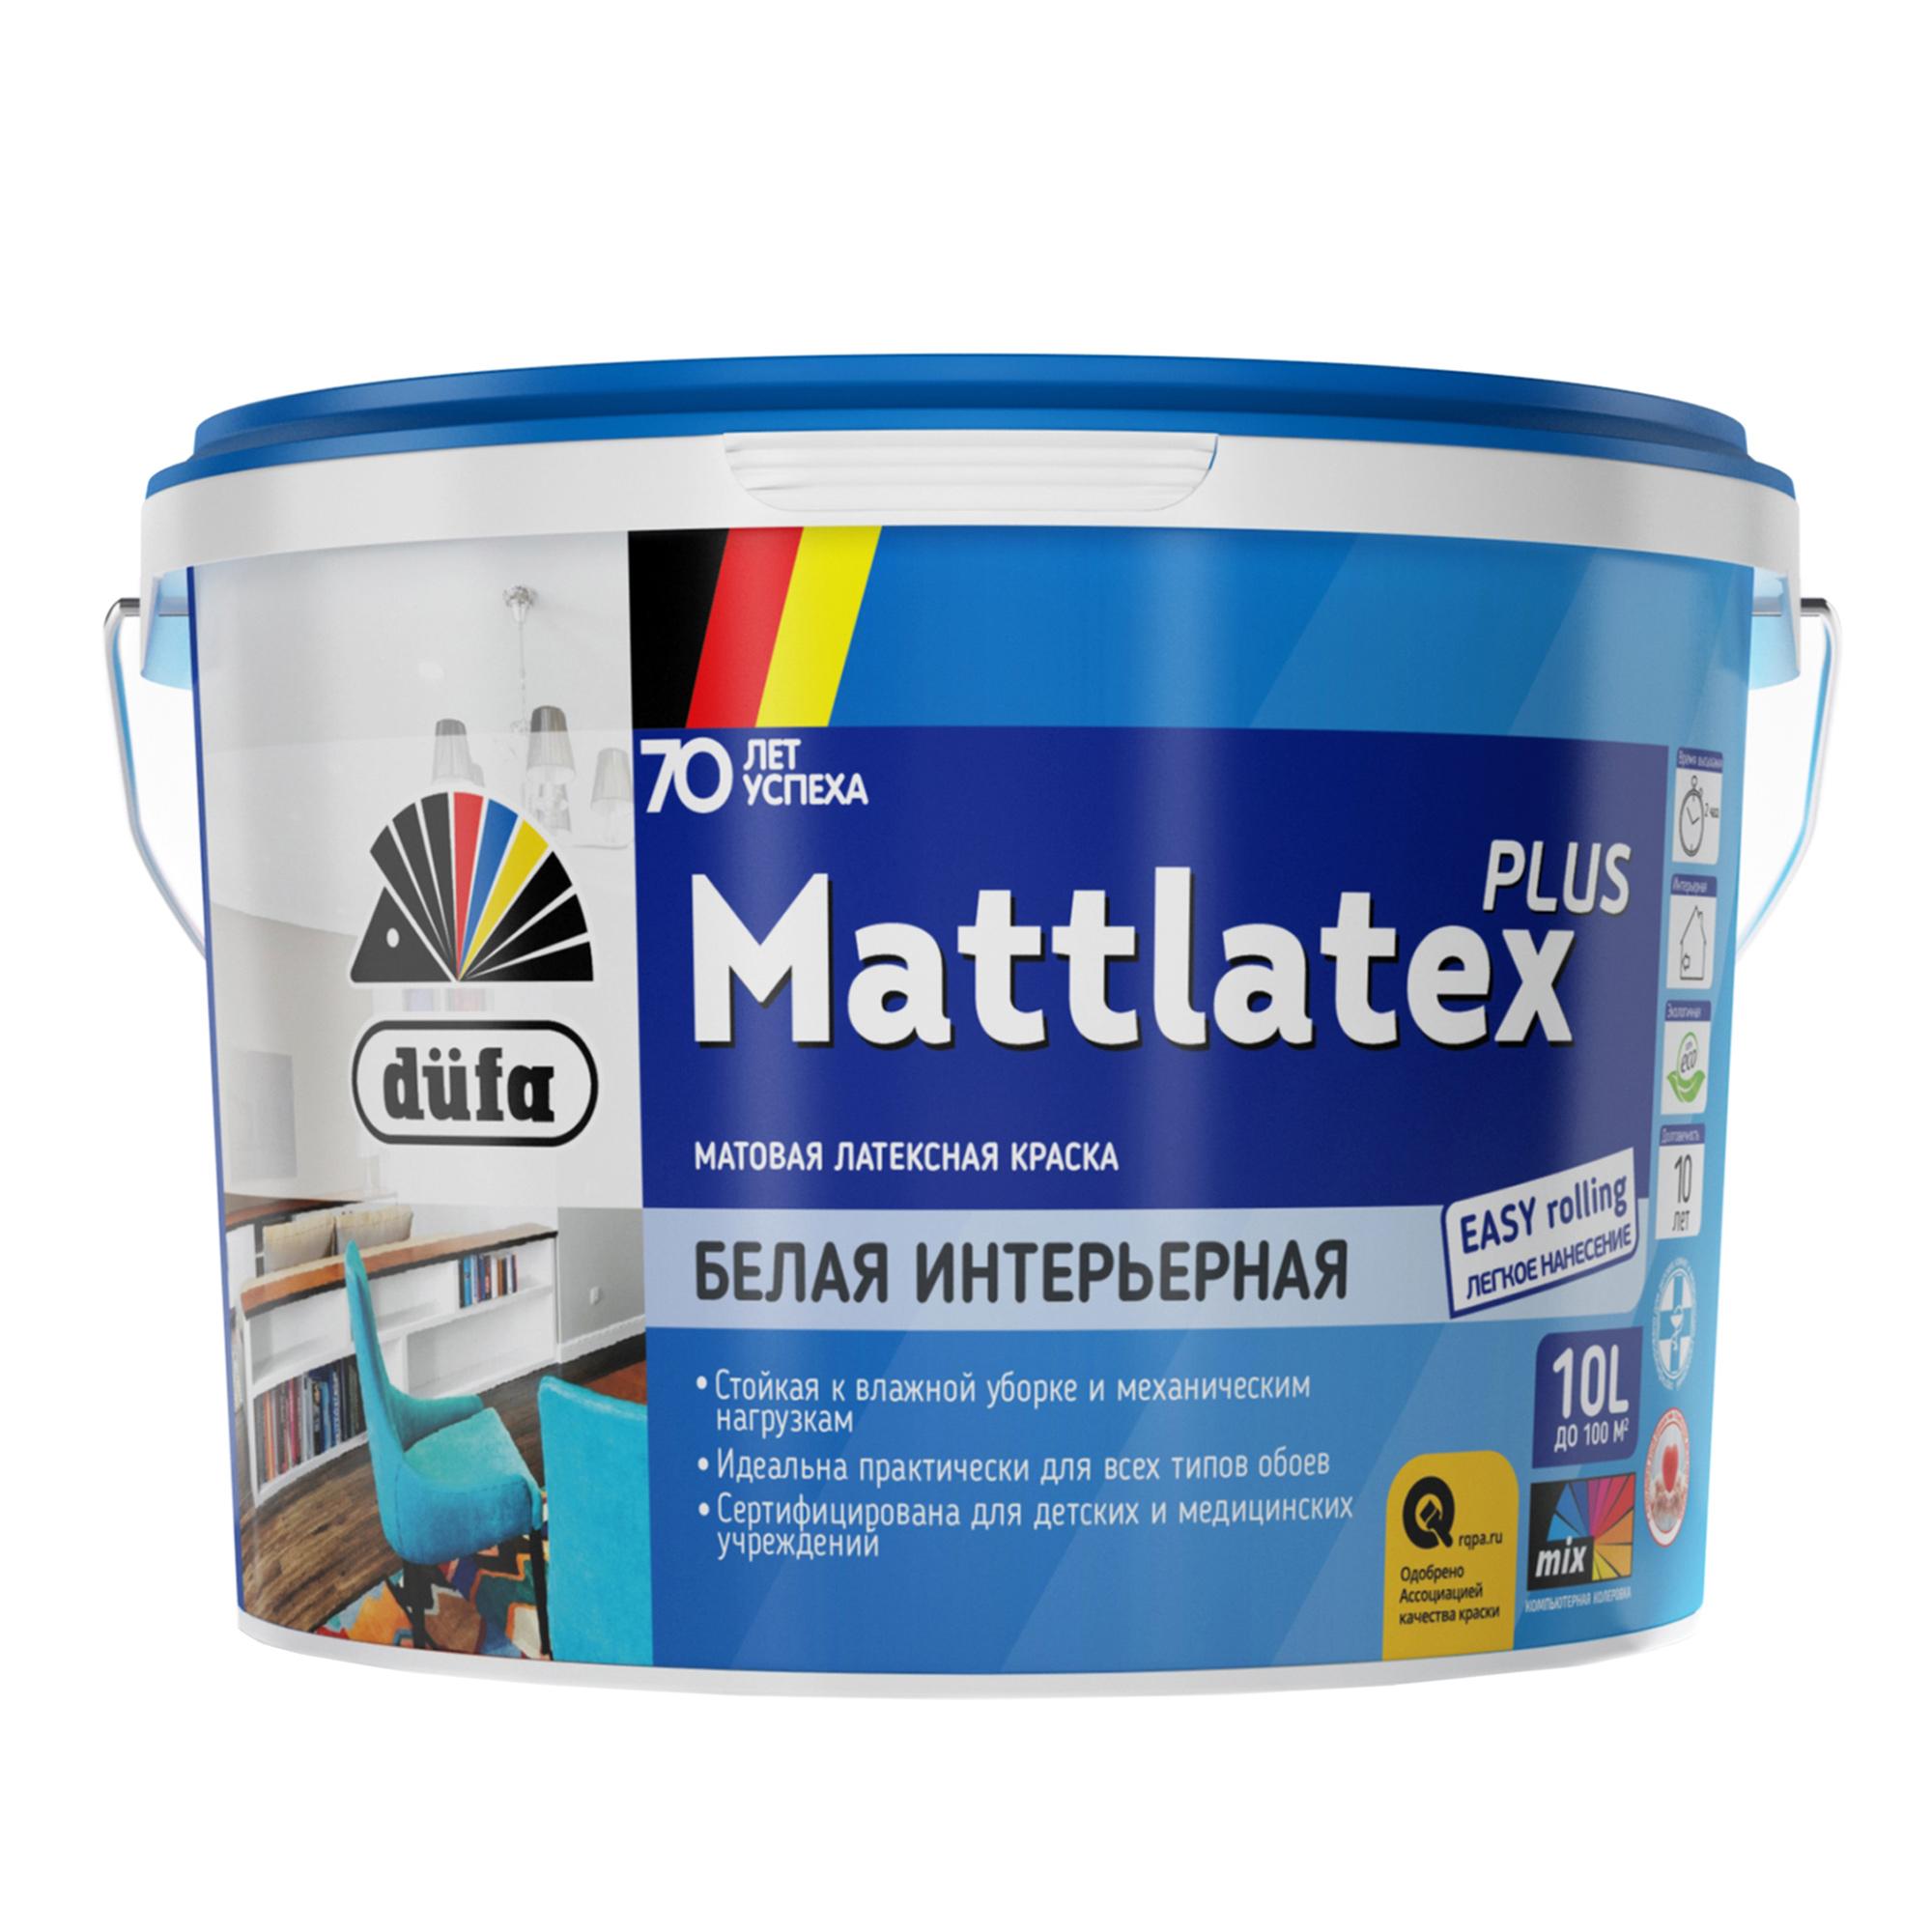 Краска Dufa Retail Mattlatex Plus матовая белая 10л